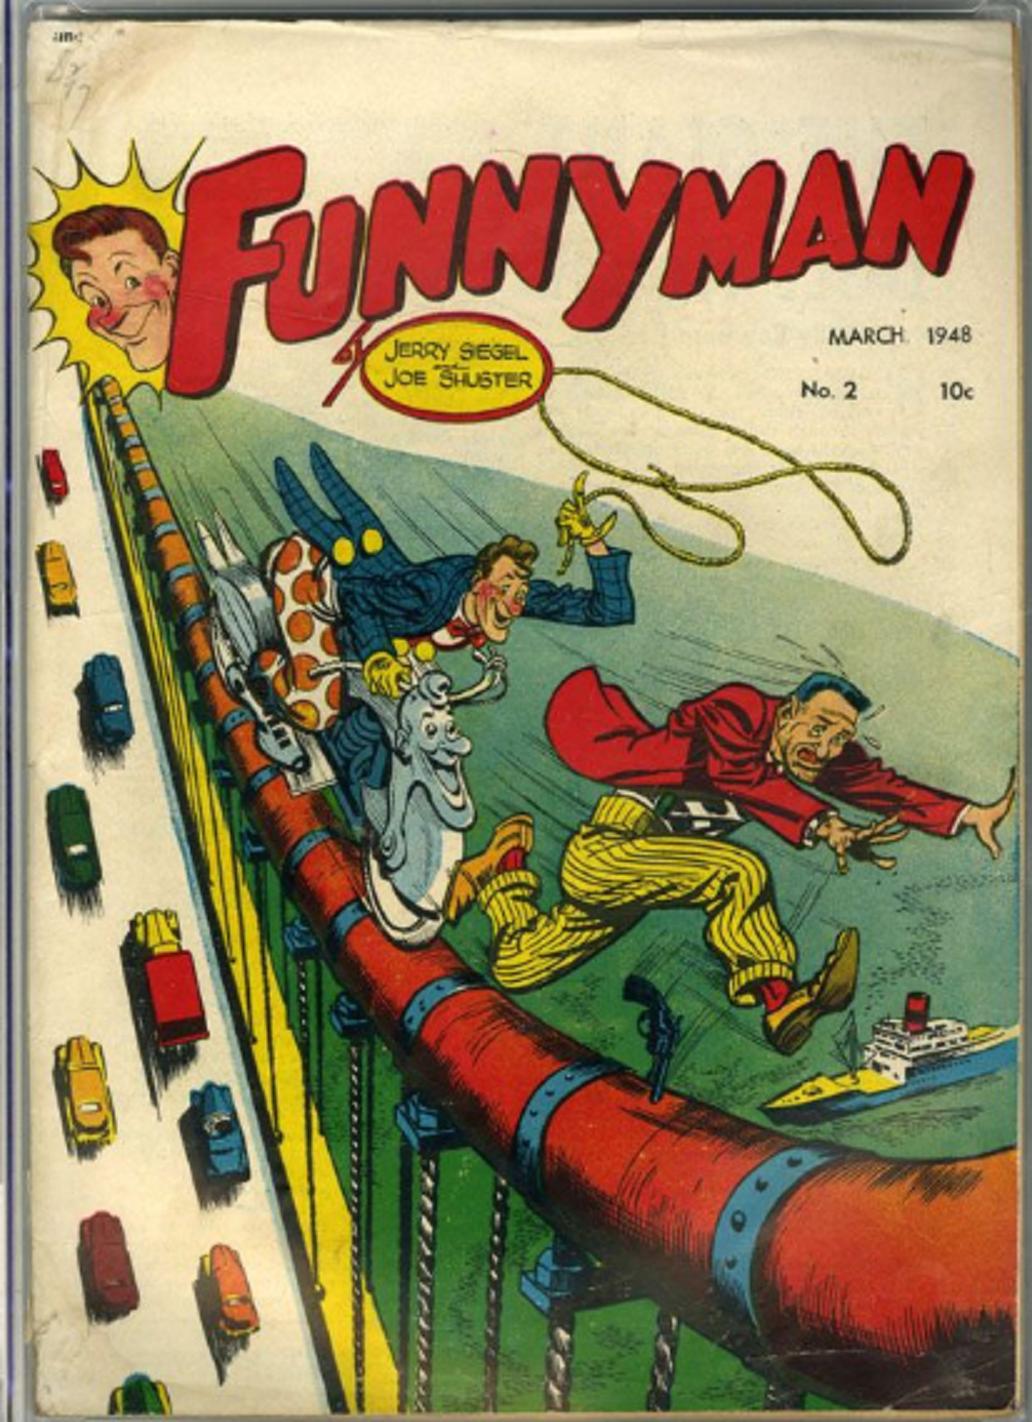 Funnyman 2 March 1948 Cover Art Cover Art Comics Classic Comics